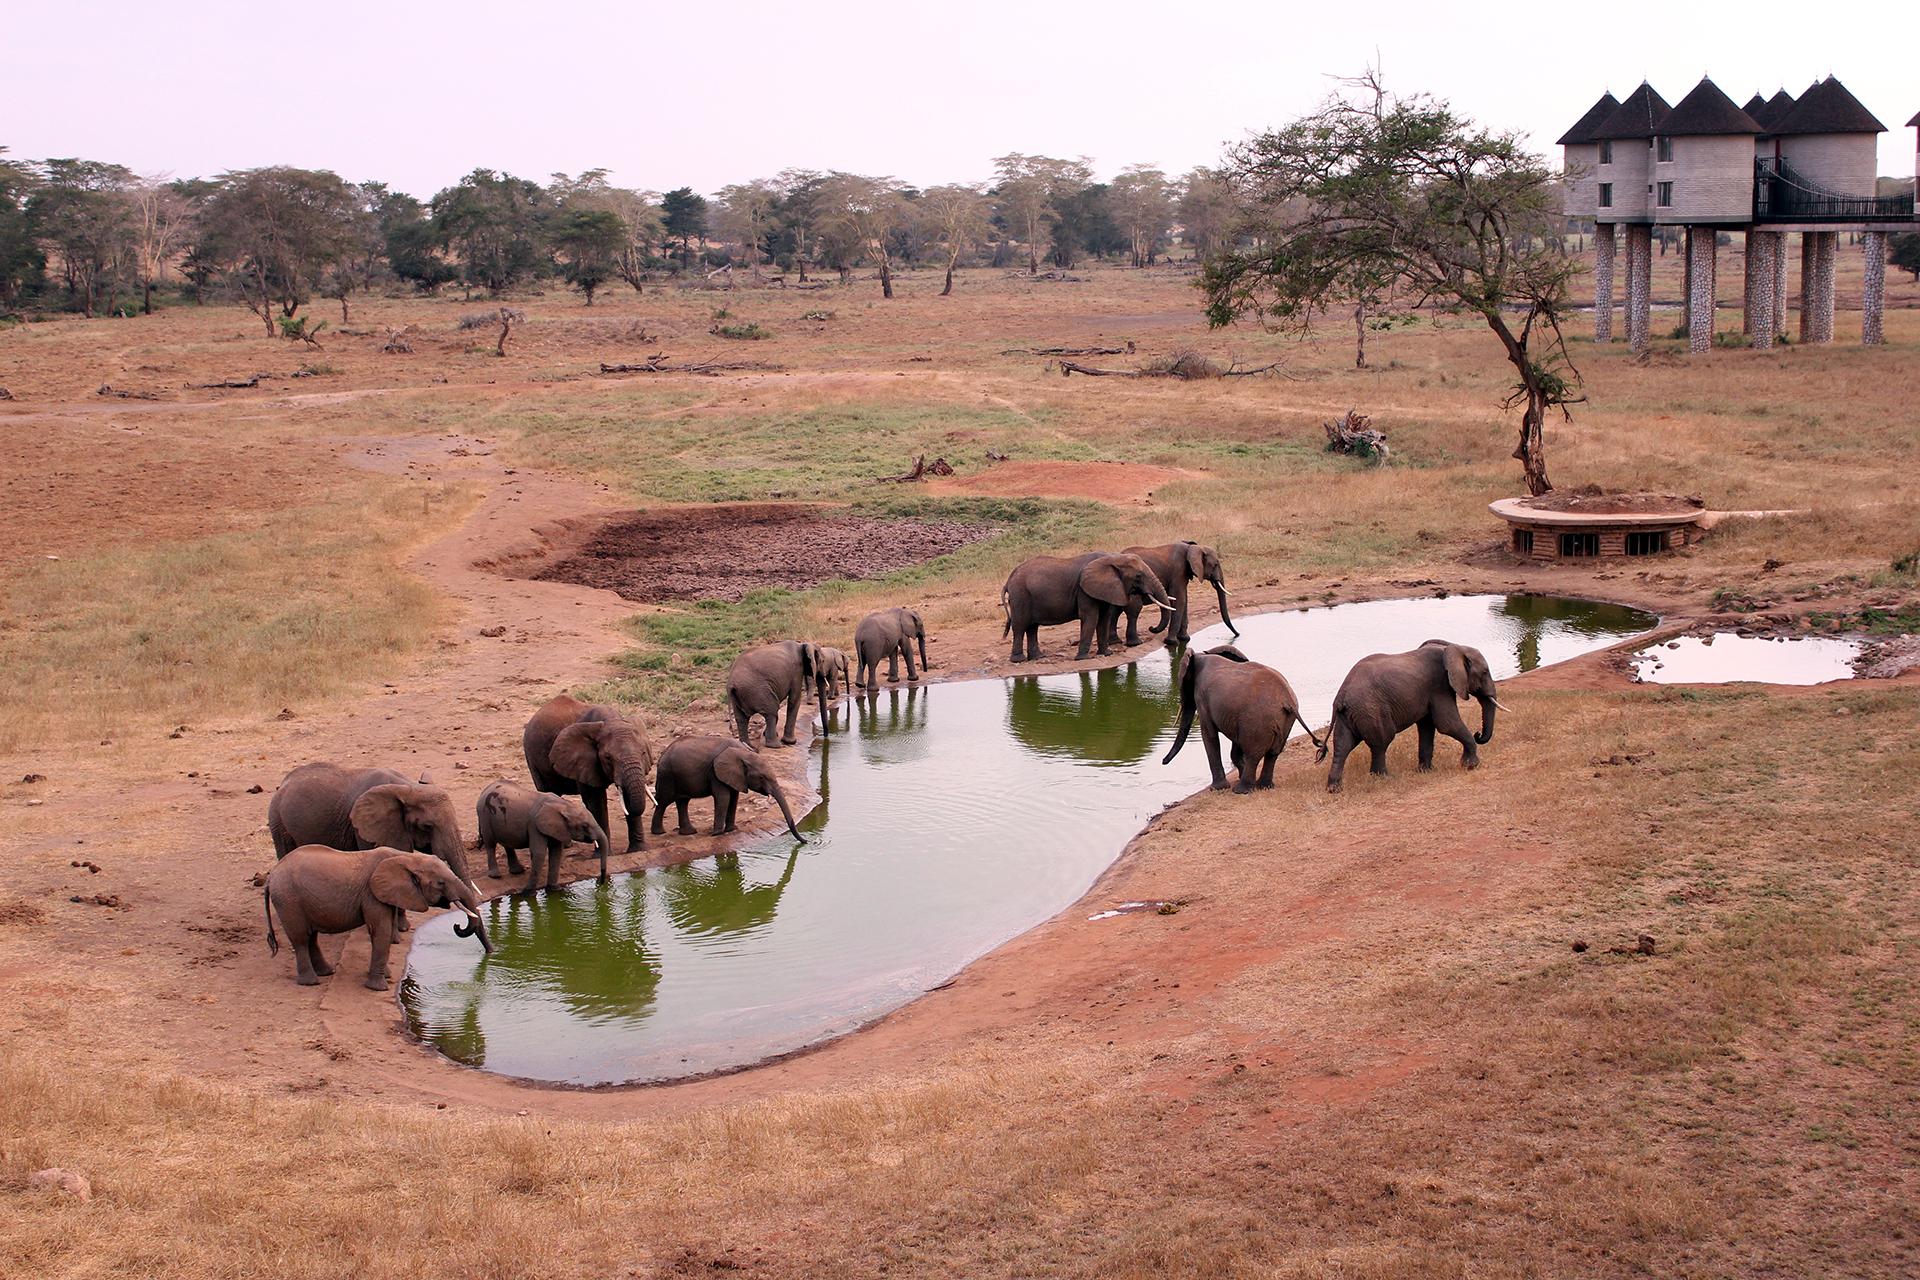 elefanti si abbeverano in una pozza d'acqua in Kenya